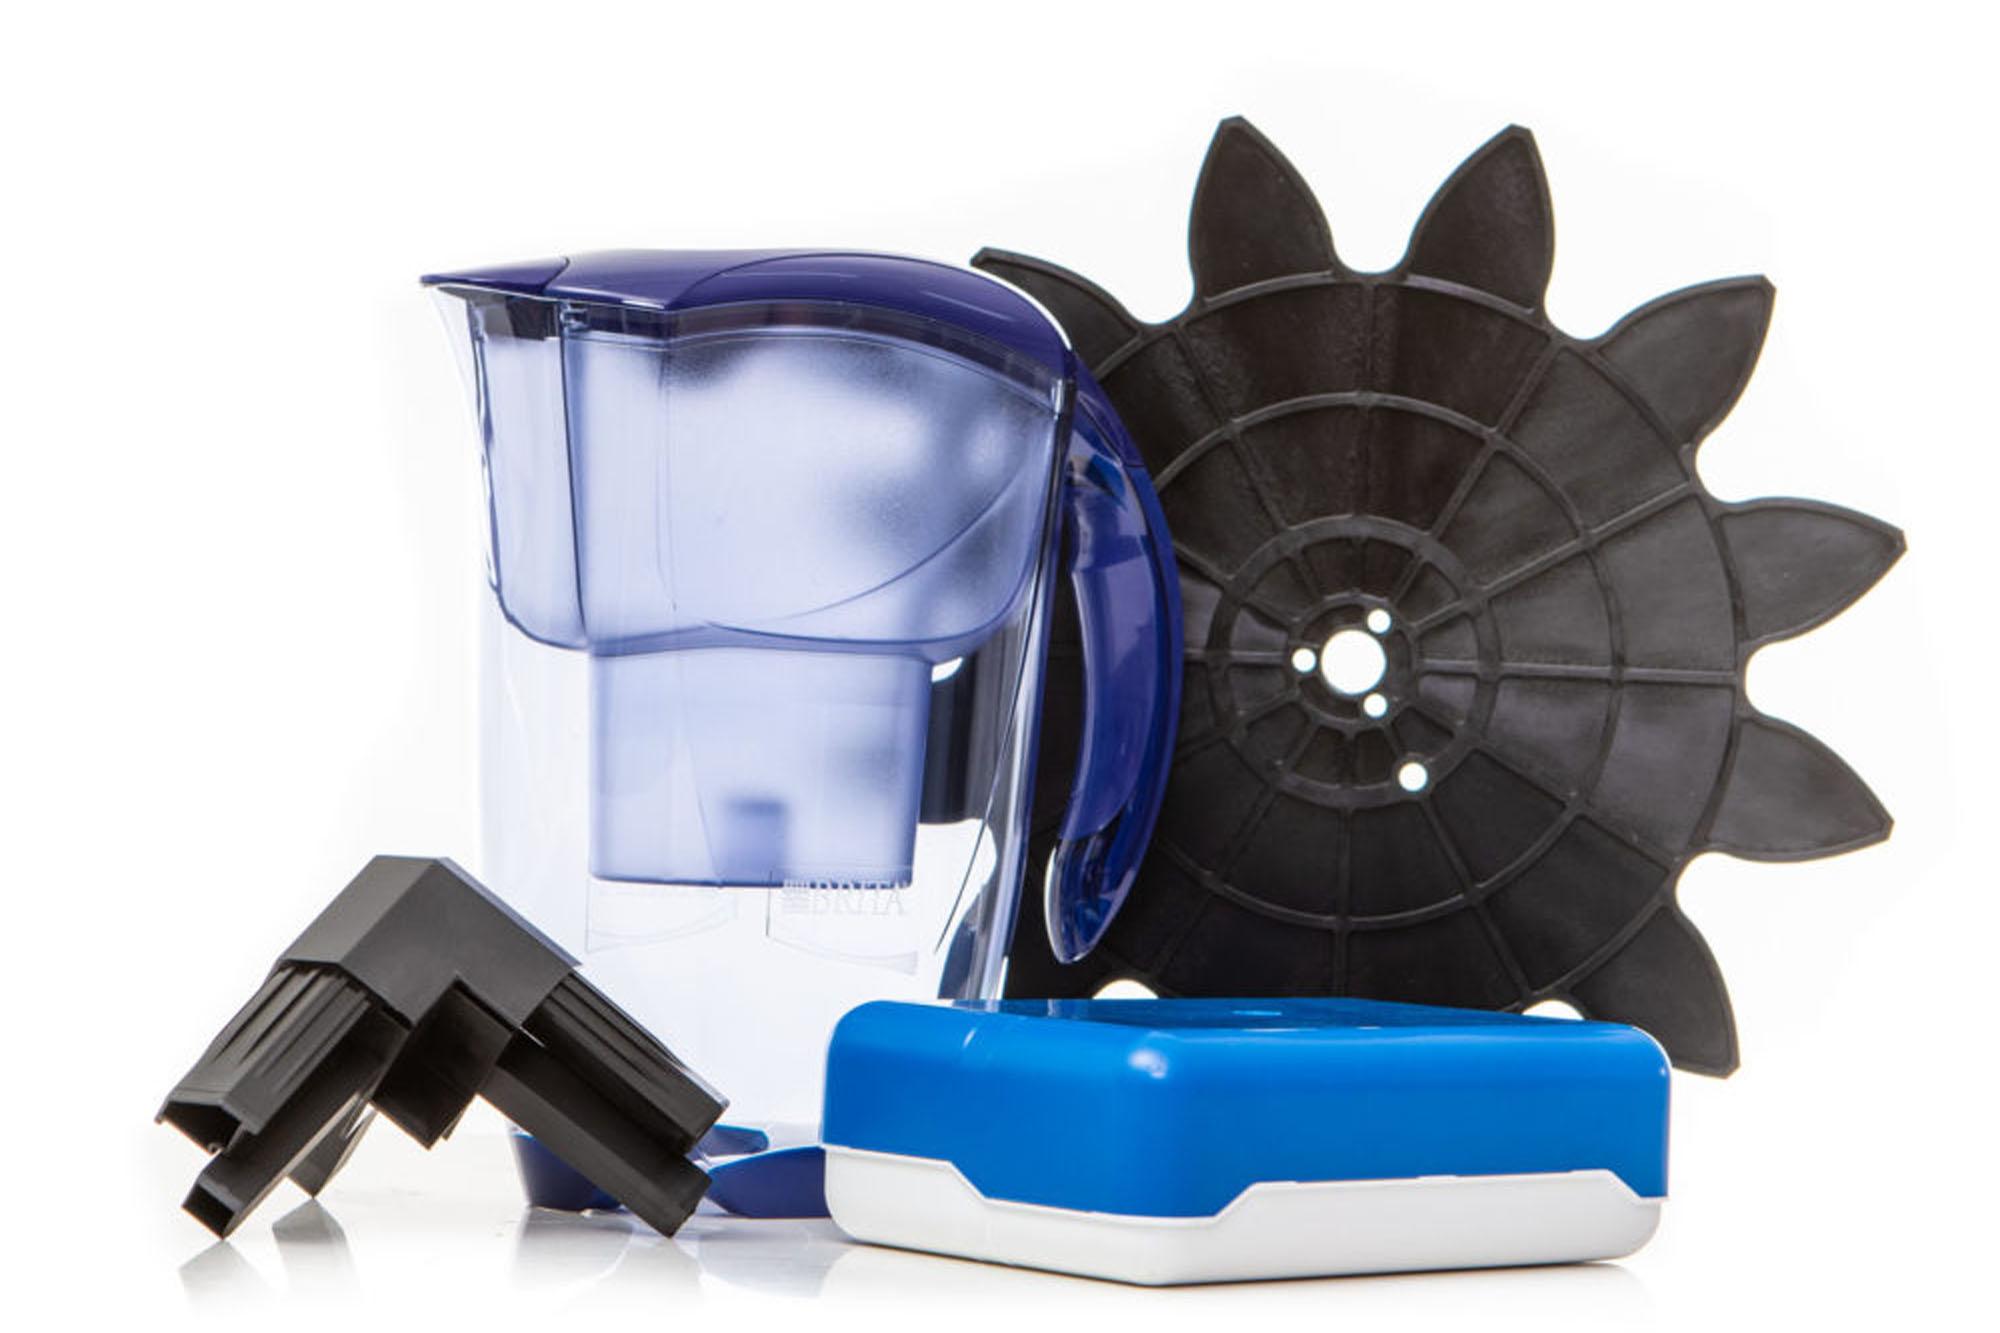 Produktpalette der Kunststoffverarbeitung Winter für Haushaltstechnik